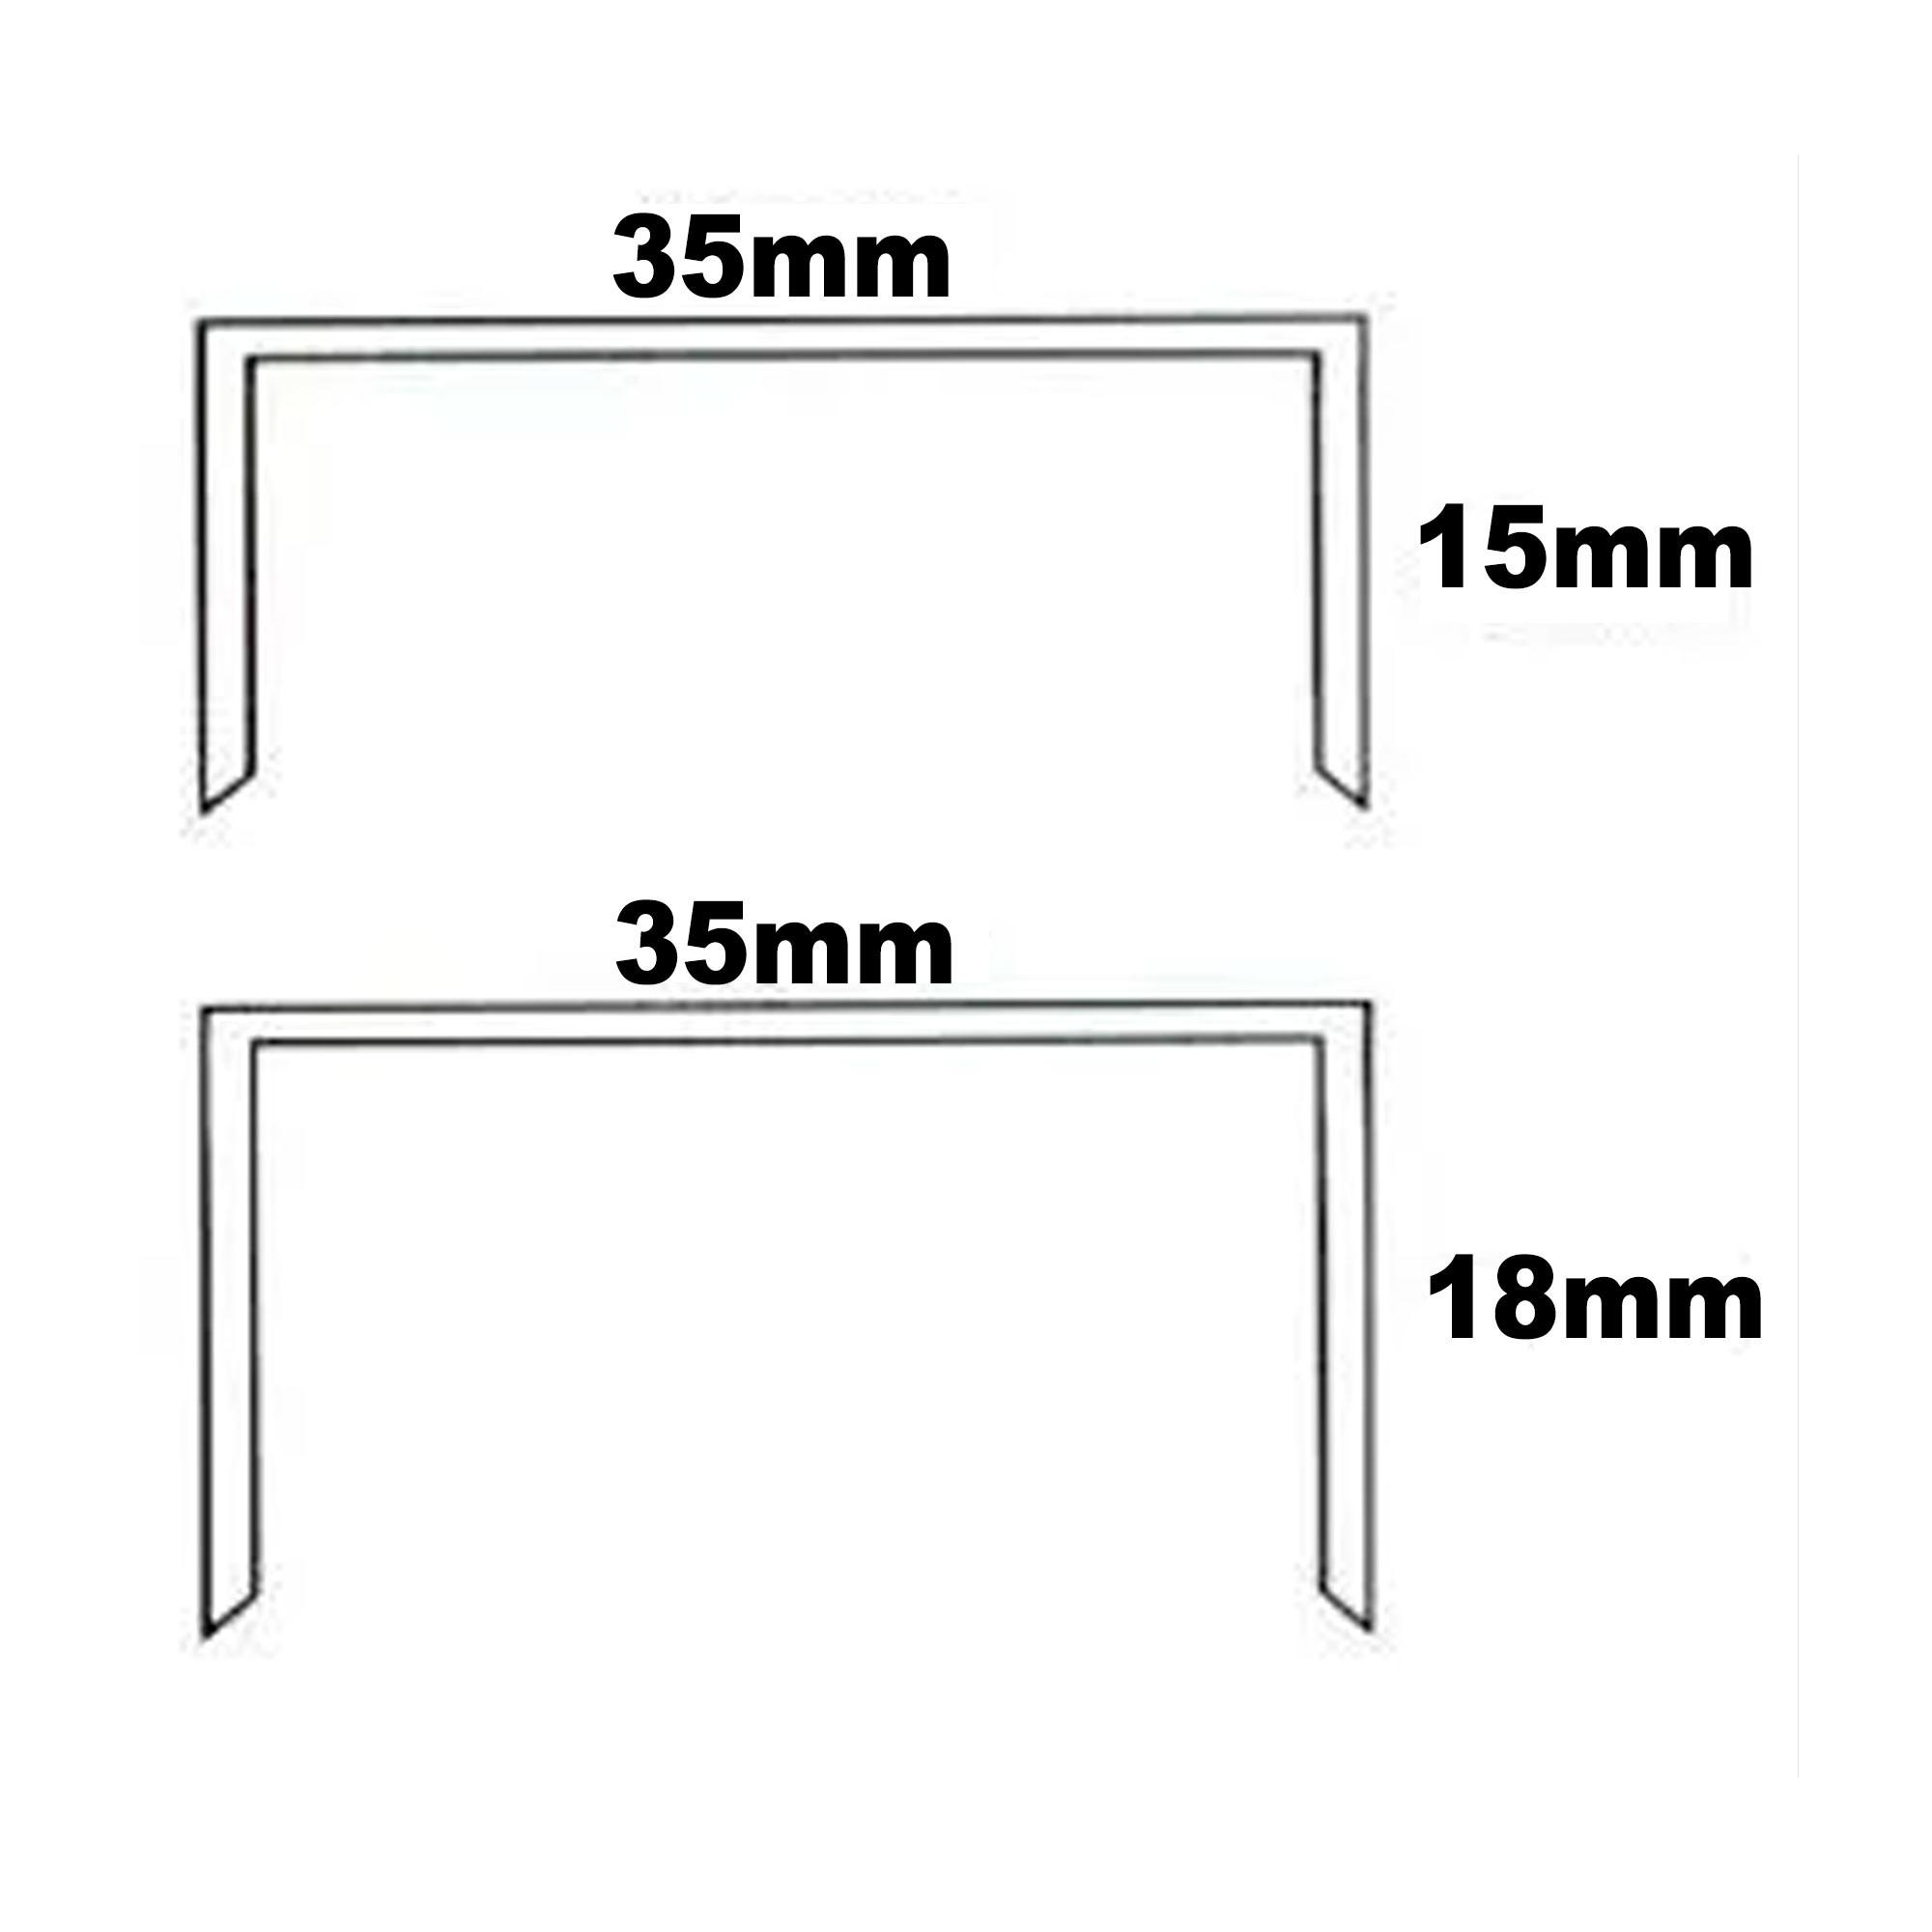 Grampeador Pneumático Adb 35/19 P/ Caixas De Papelão Supplypack